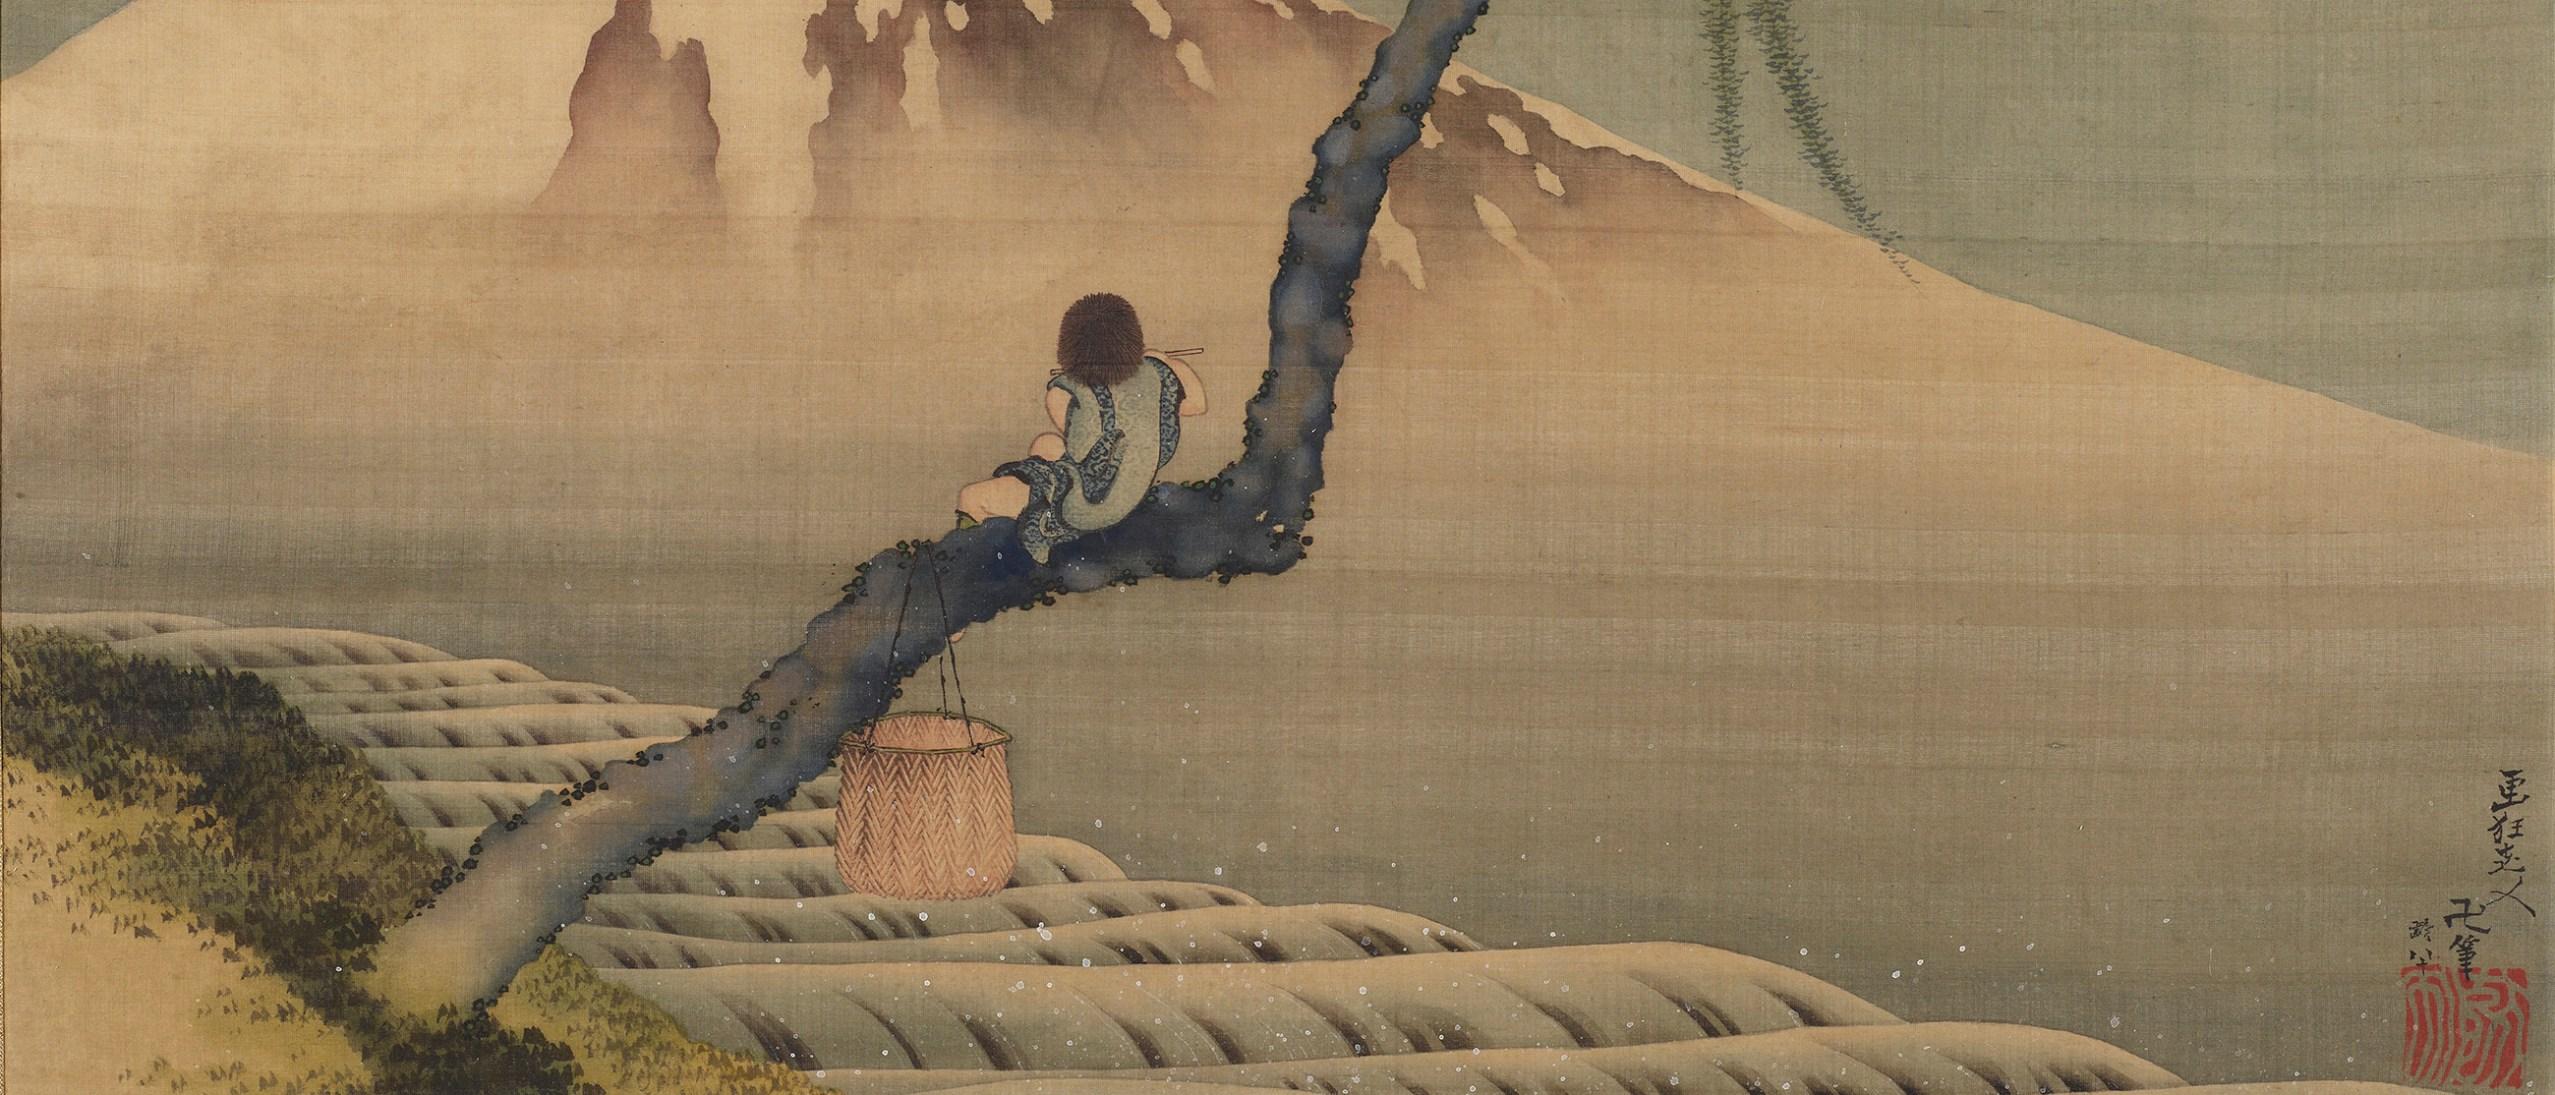 Detail image, Boy Viewing Mount Fuji; Katsushika Hokusai 葛飾北斎 (1760 - 1849); Japan, Edo period, 1839; Hanging scroll; ink and color on silk; Gift of Charles Lang Freer; Freer Gallery of Art F1898.110